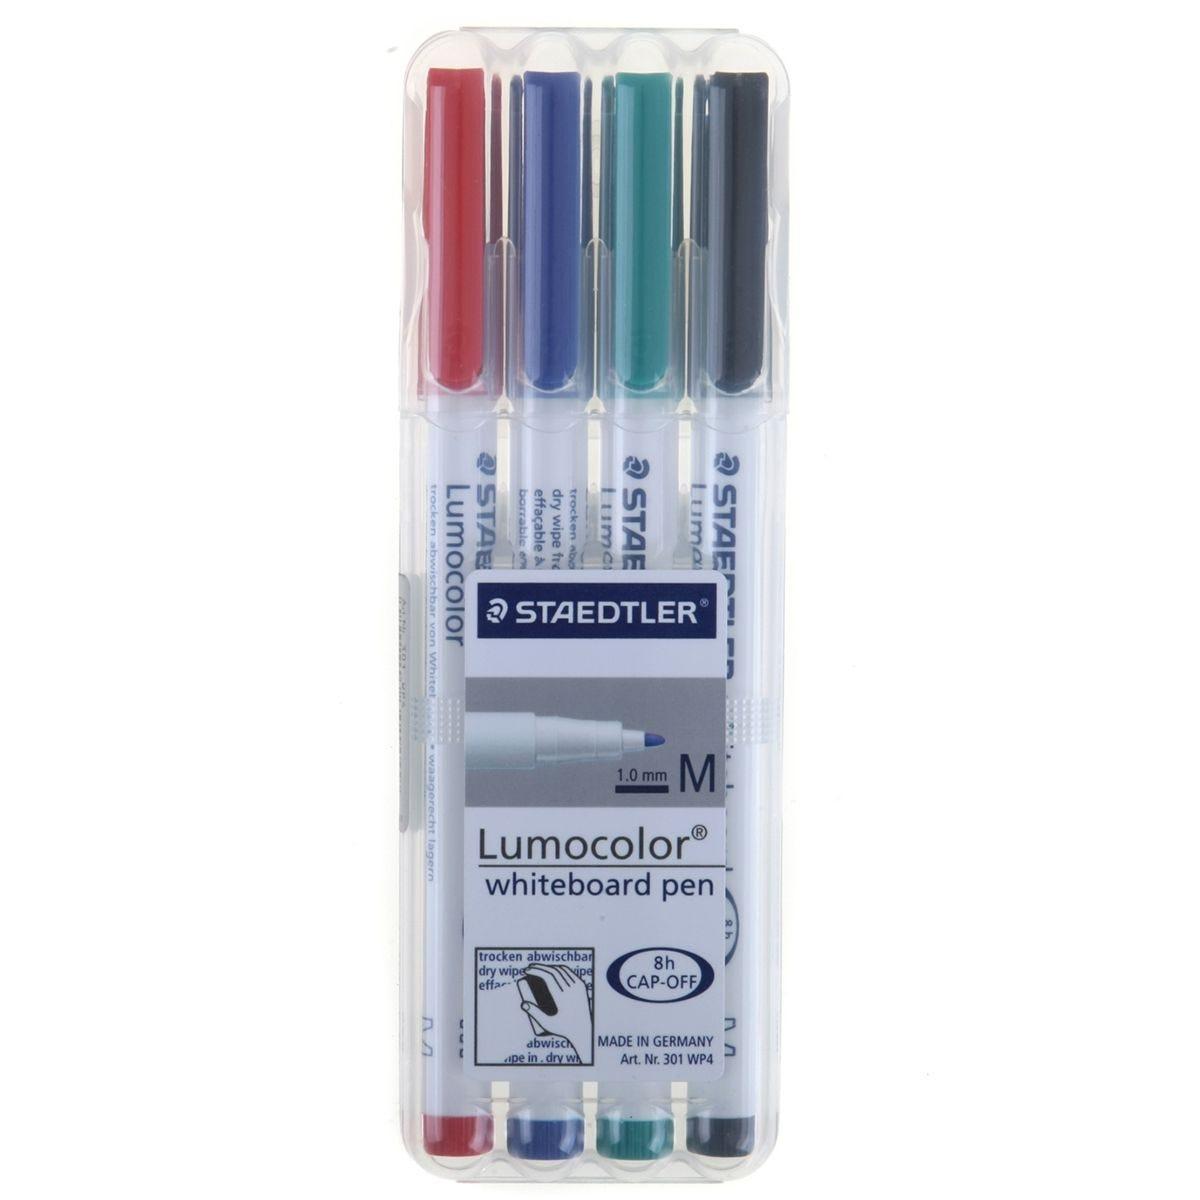 Staedtler Lumocolor Marker Pen Whiteboard - Pack of 4